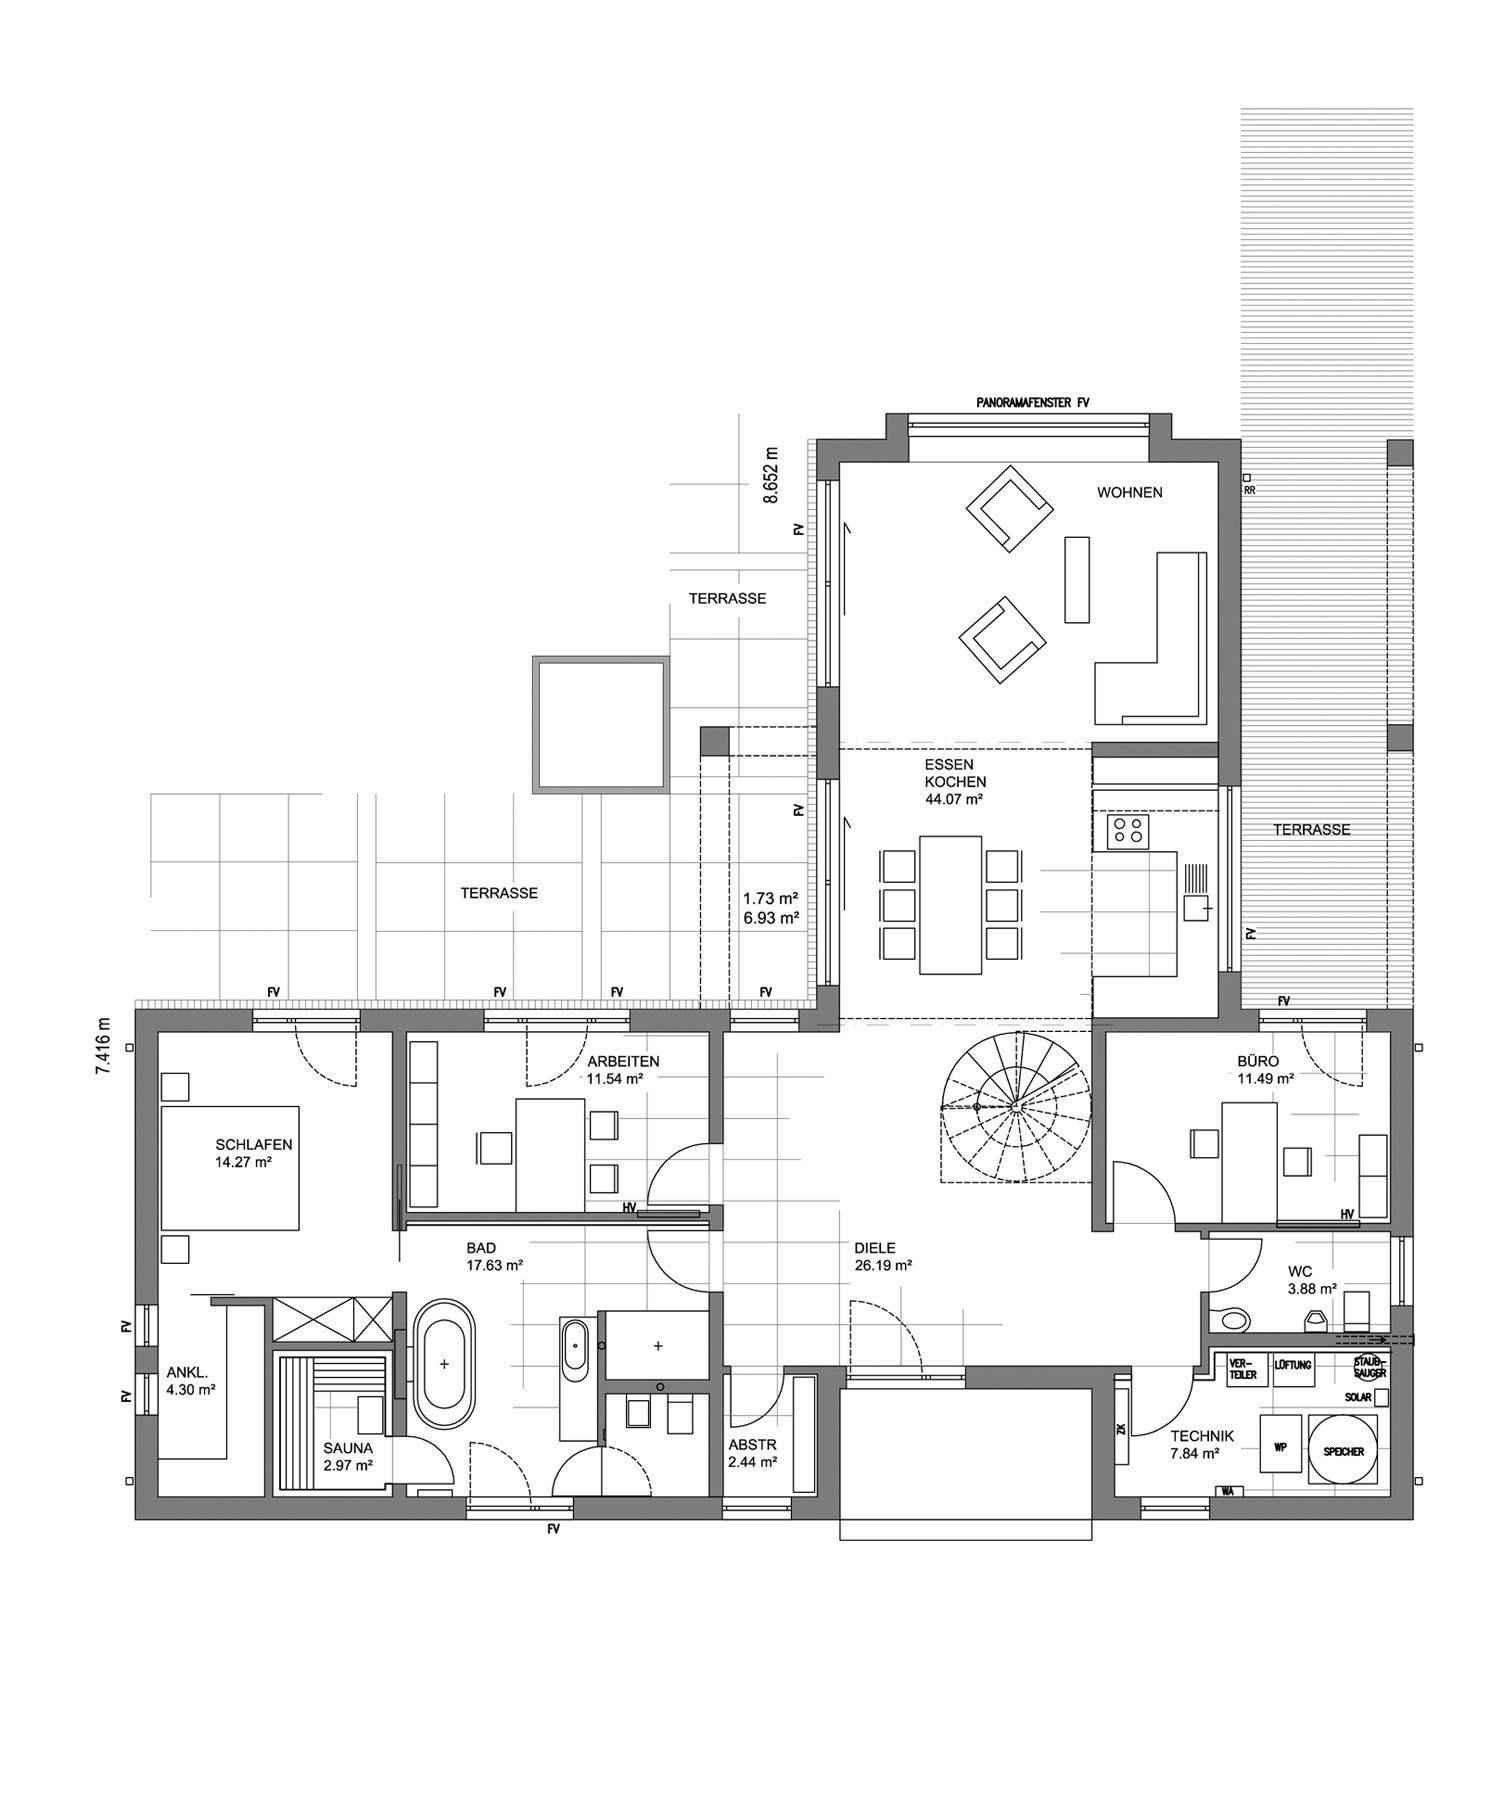 L³- Luxhaus Lifestyle Loft - Eine Nahaufnahme von einem Logo - Gebäudeplan